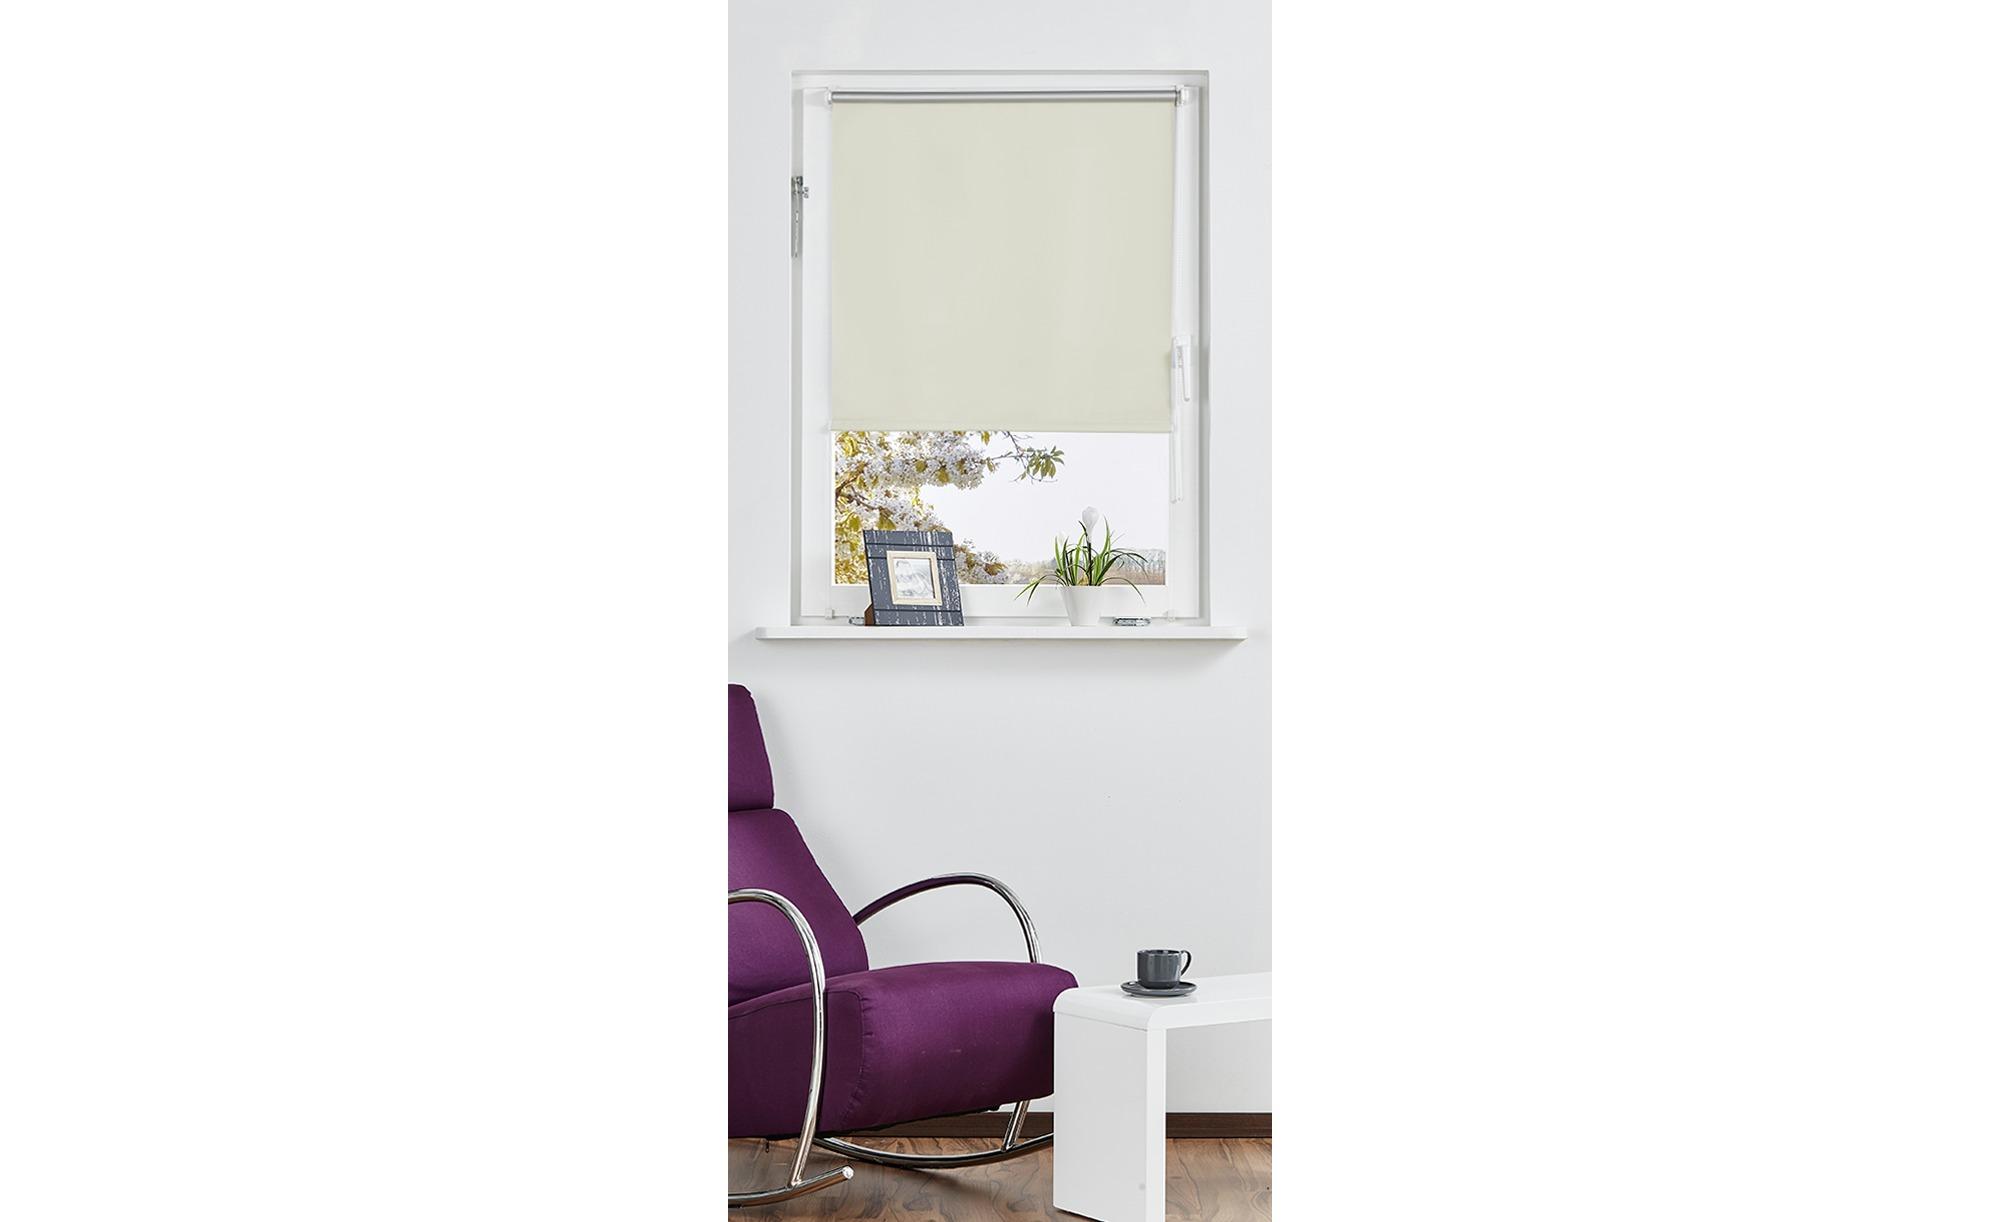 Rollo Klemmfix - creme - Polyester - 100 cm - Gardinen & Vorhänge > Rollos & Sonnenschutz > Rollos - Möbel Kraft